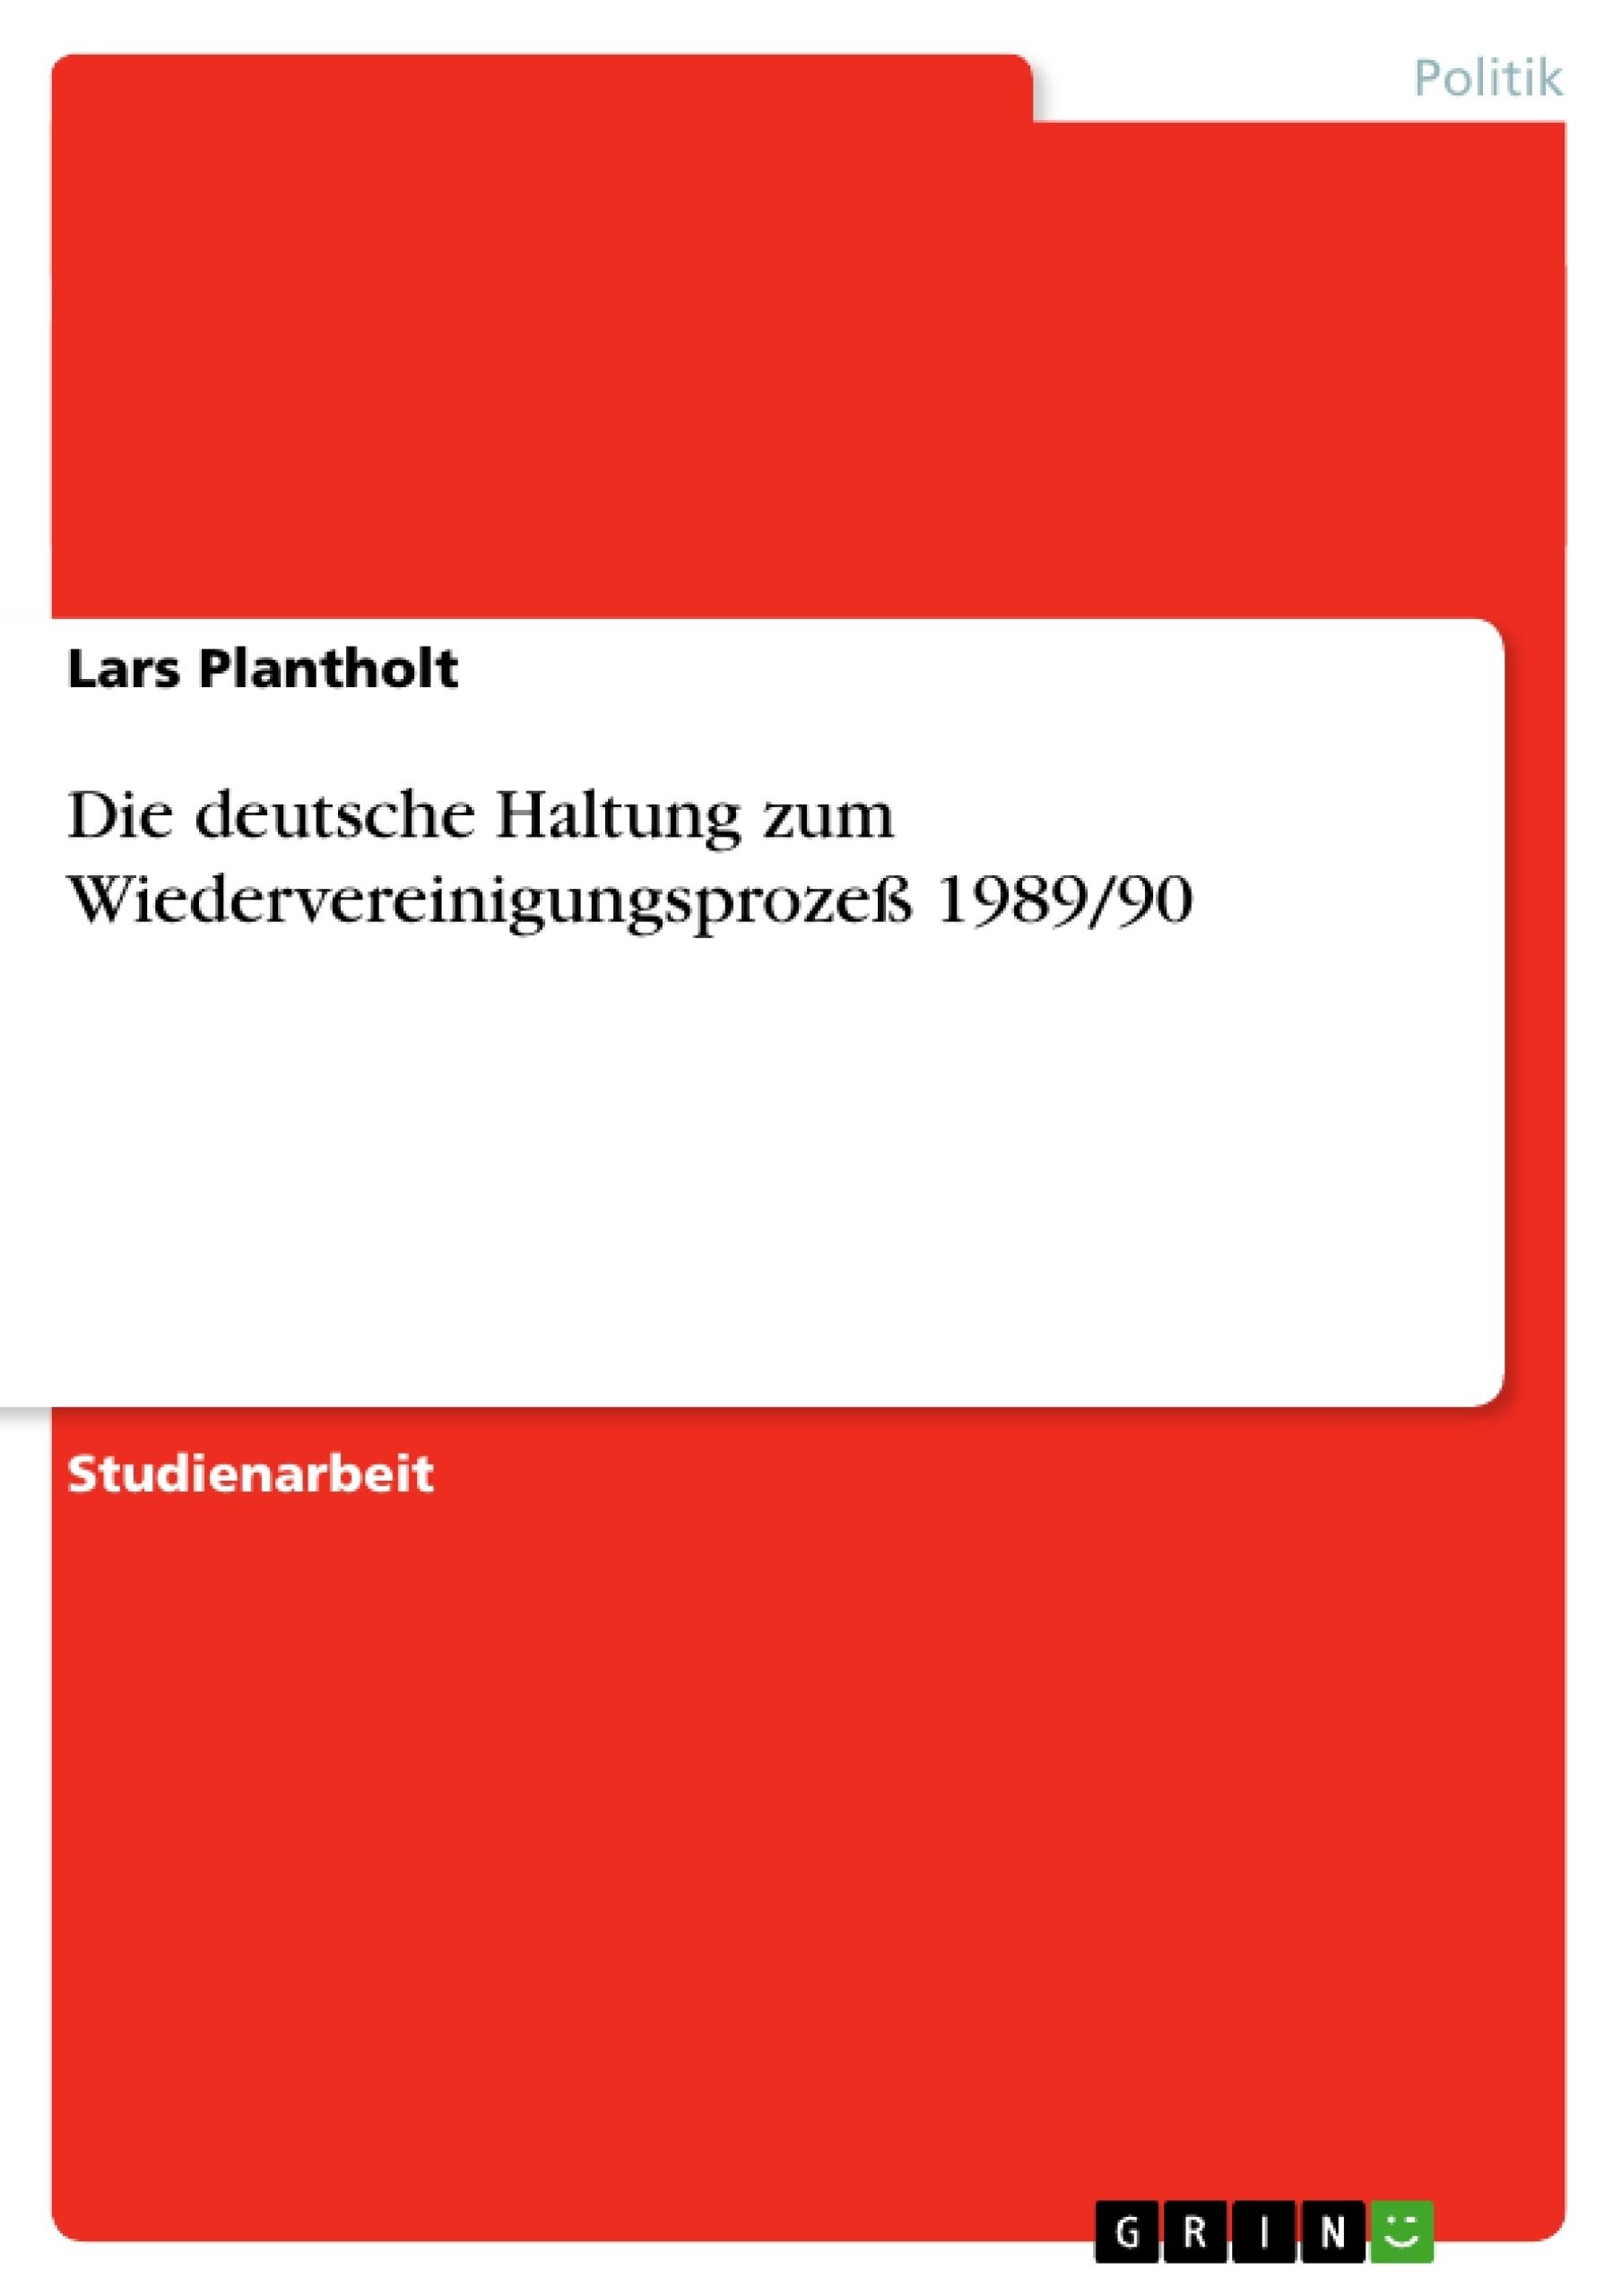 Titel: Die deutsche Haltung zum Wiedervereinigungsprozeß 1989/90